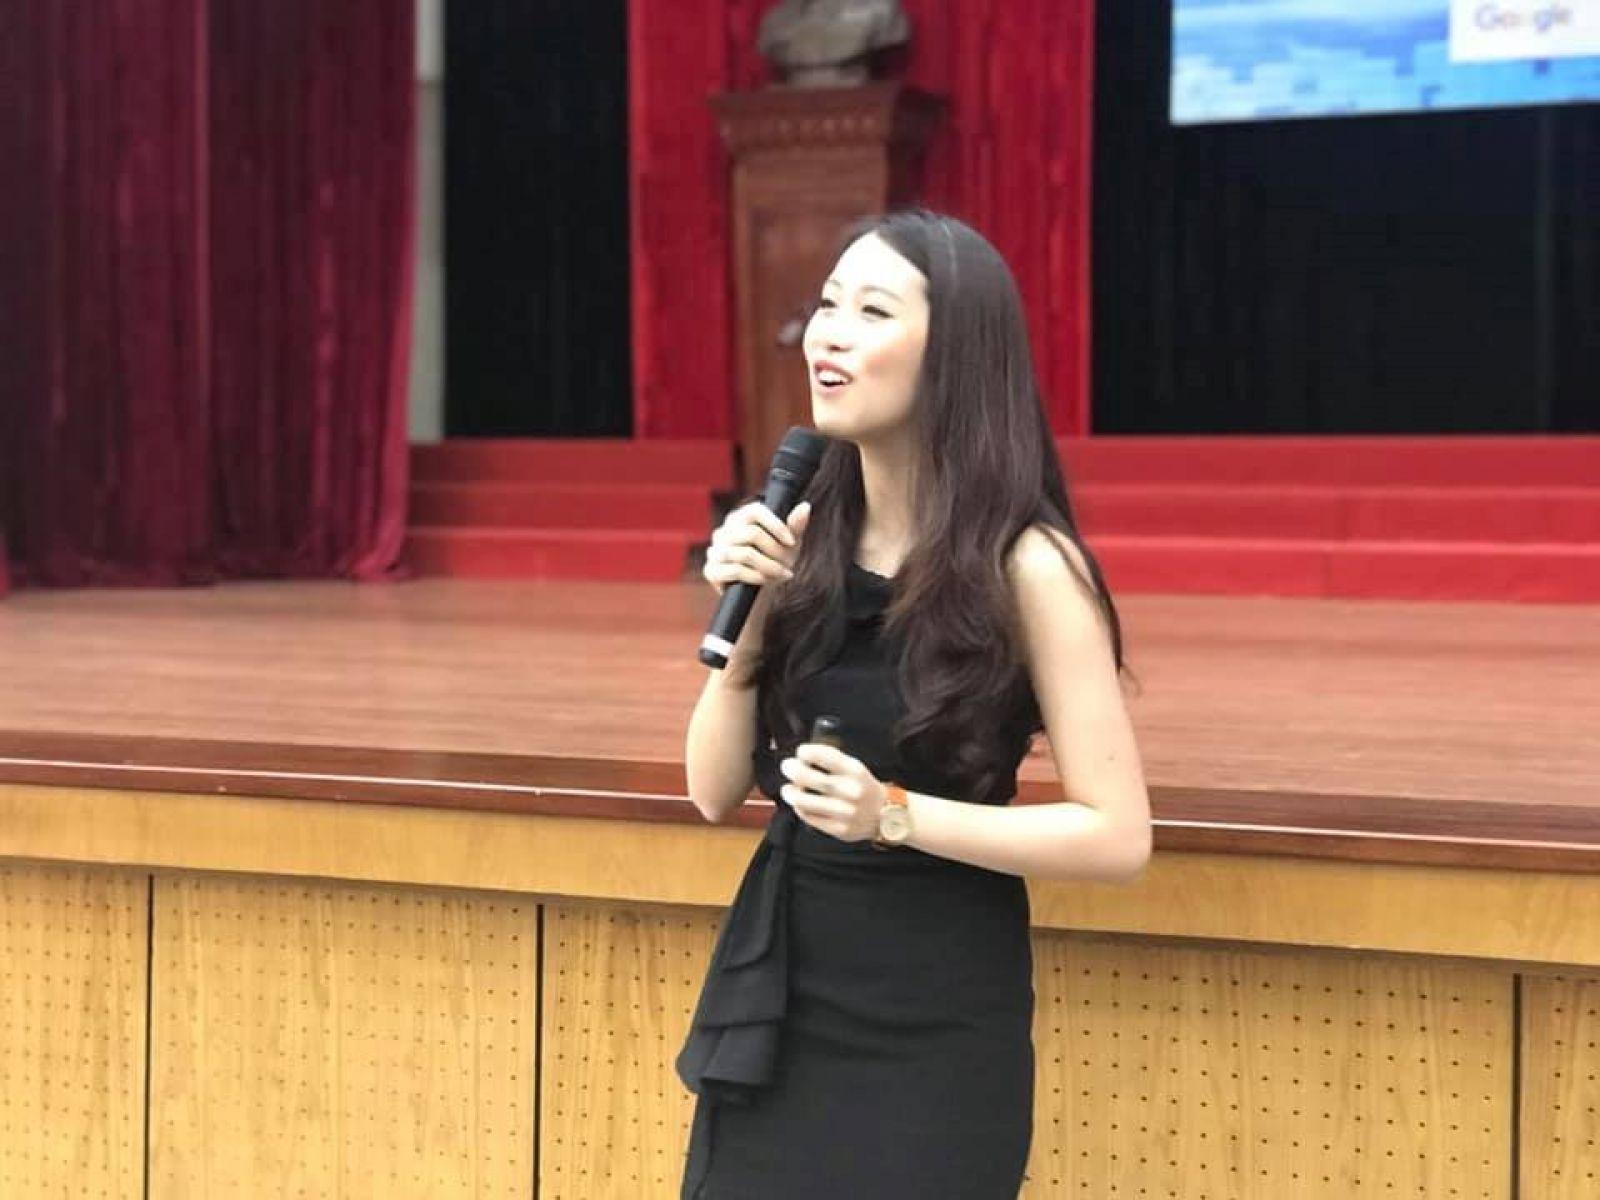 Bà Cindy Nguyễn (Nguyễn Phương Anh) Giám đốc chiến lược của Google khu vực châu Á Thái Bình Dương.